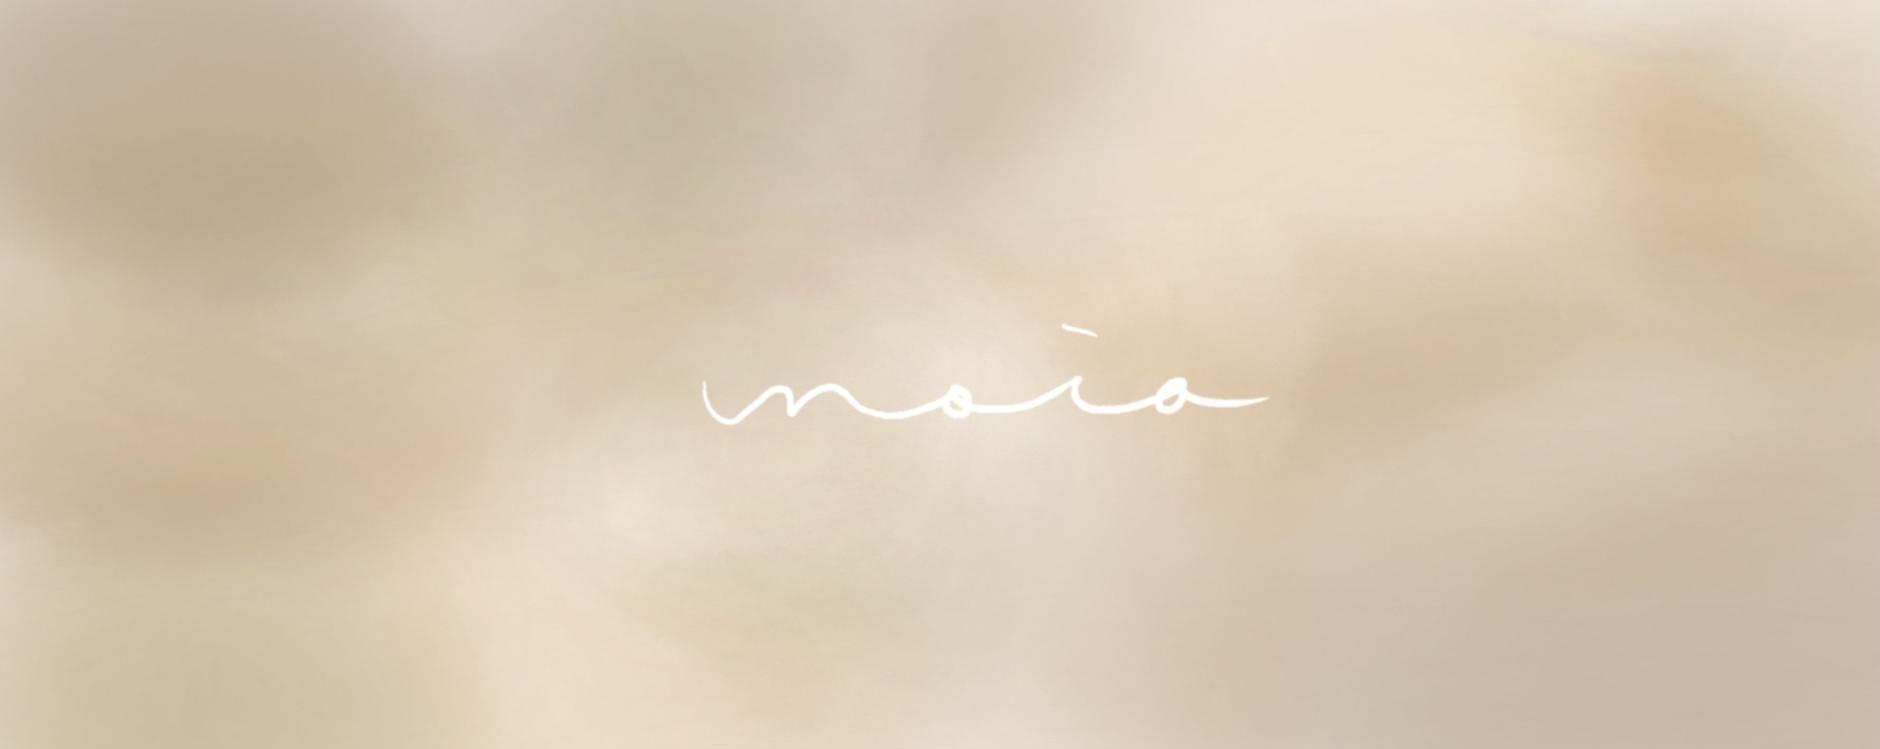 unoia